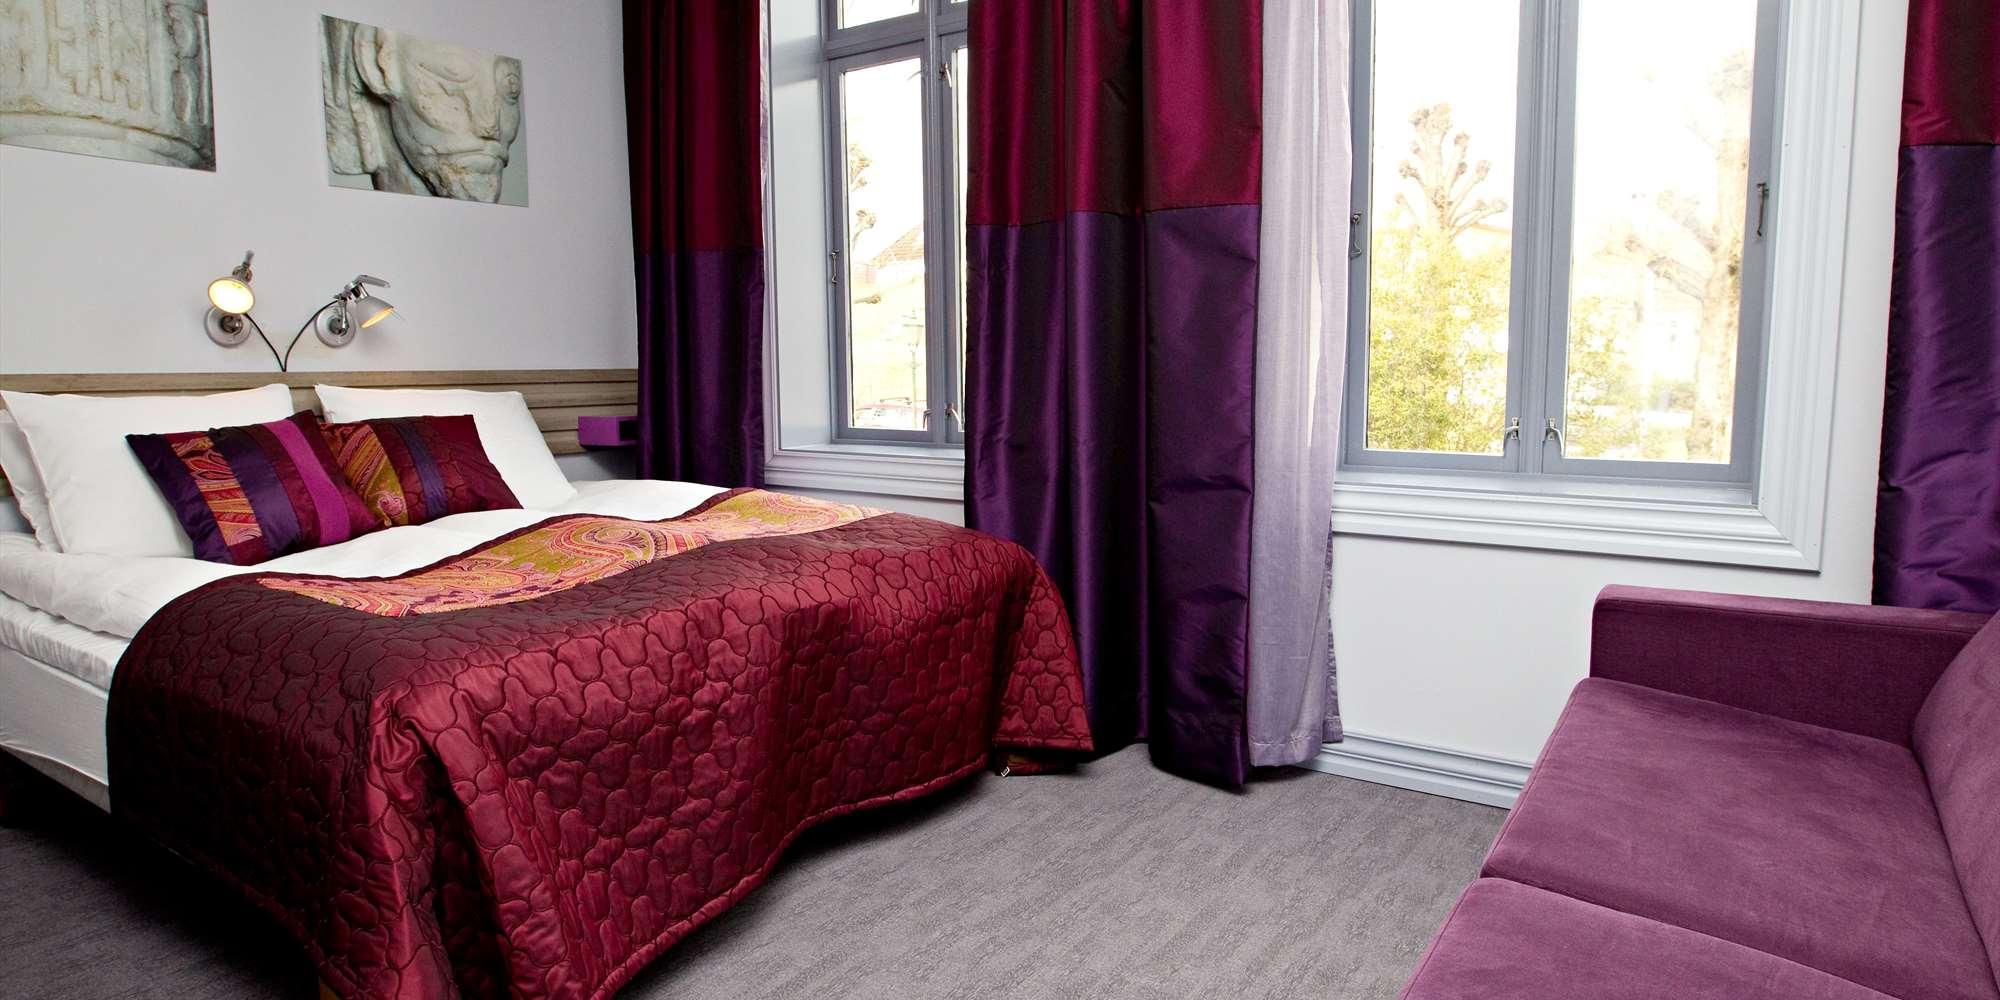 Hotels in bergen   visitbergen.com